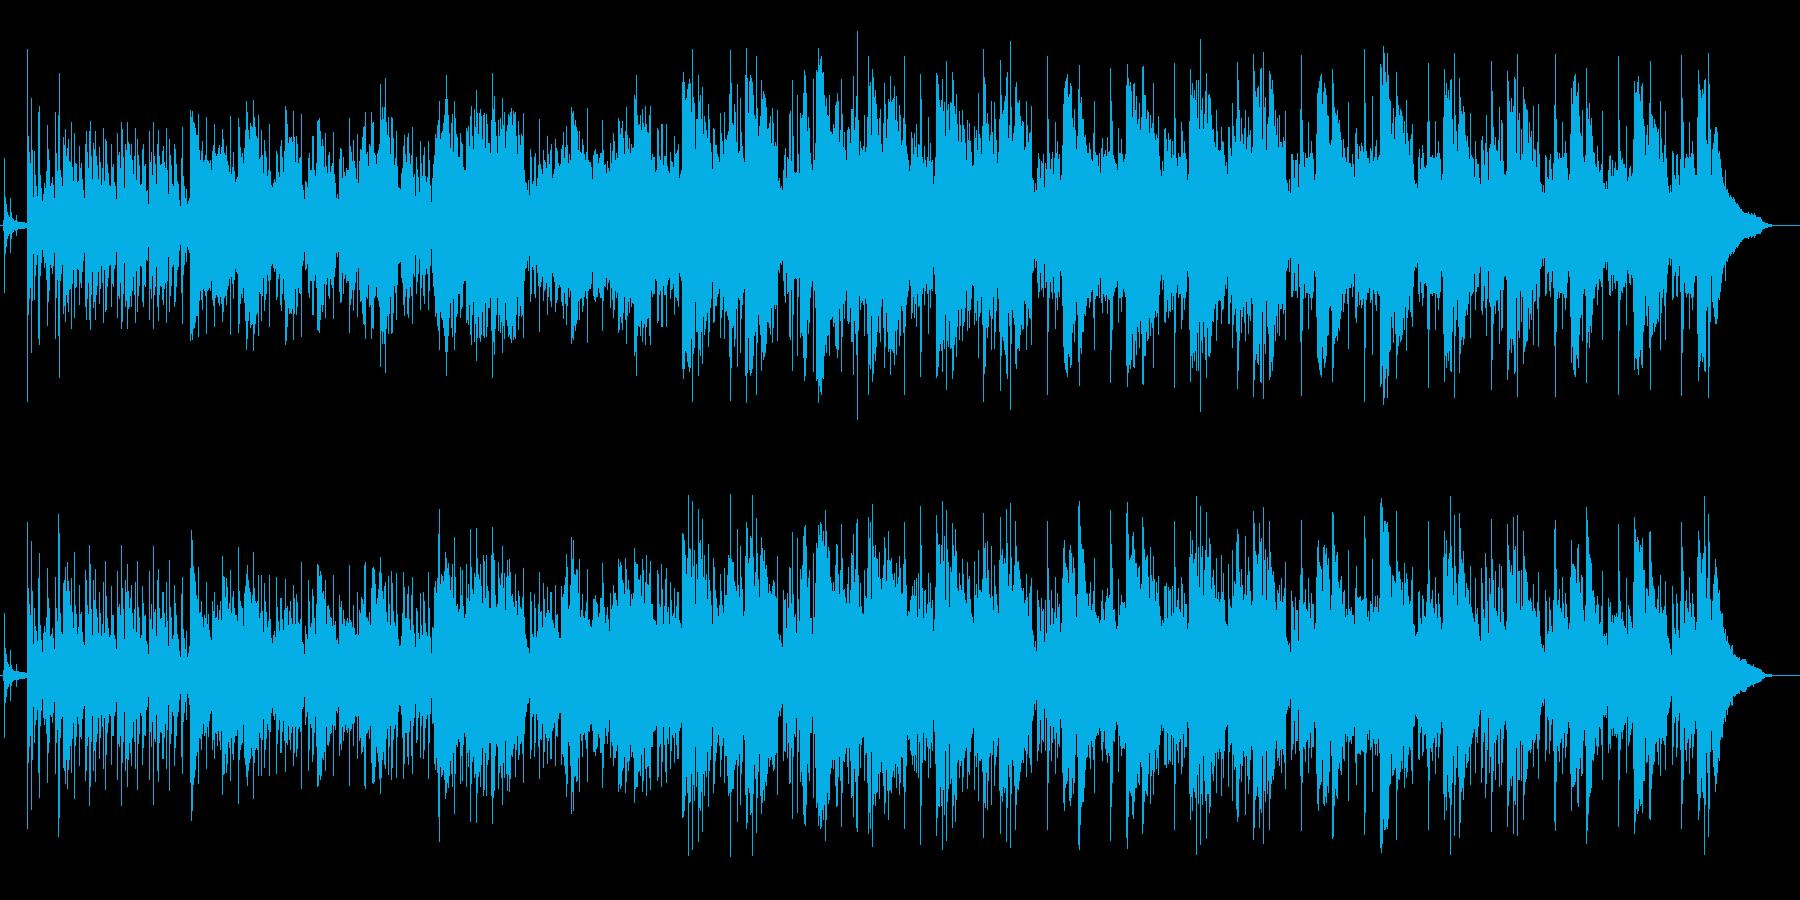 サックスの旋律が入ったセッション形式の曲の再生済みの波形